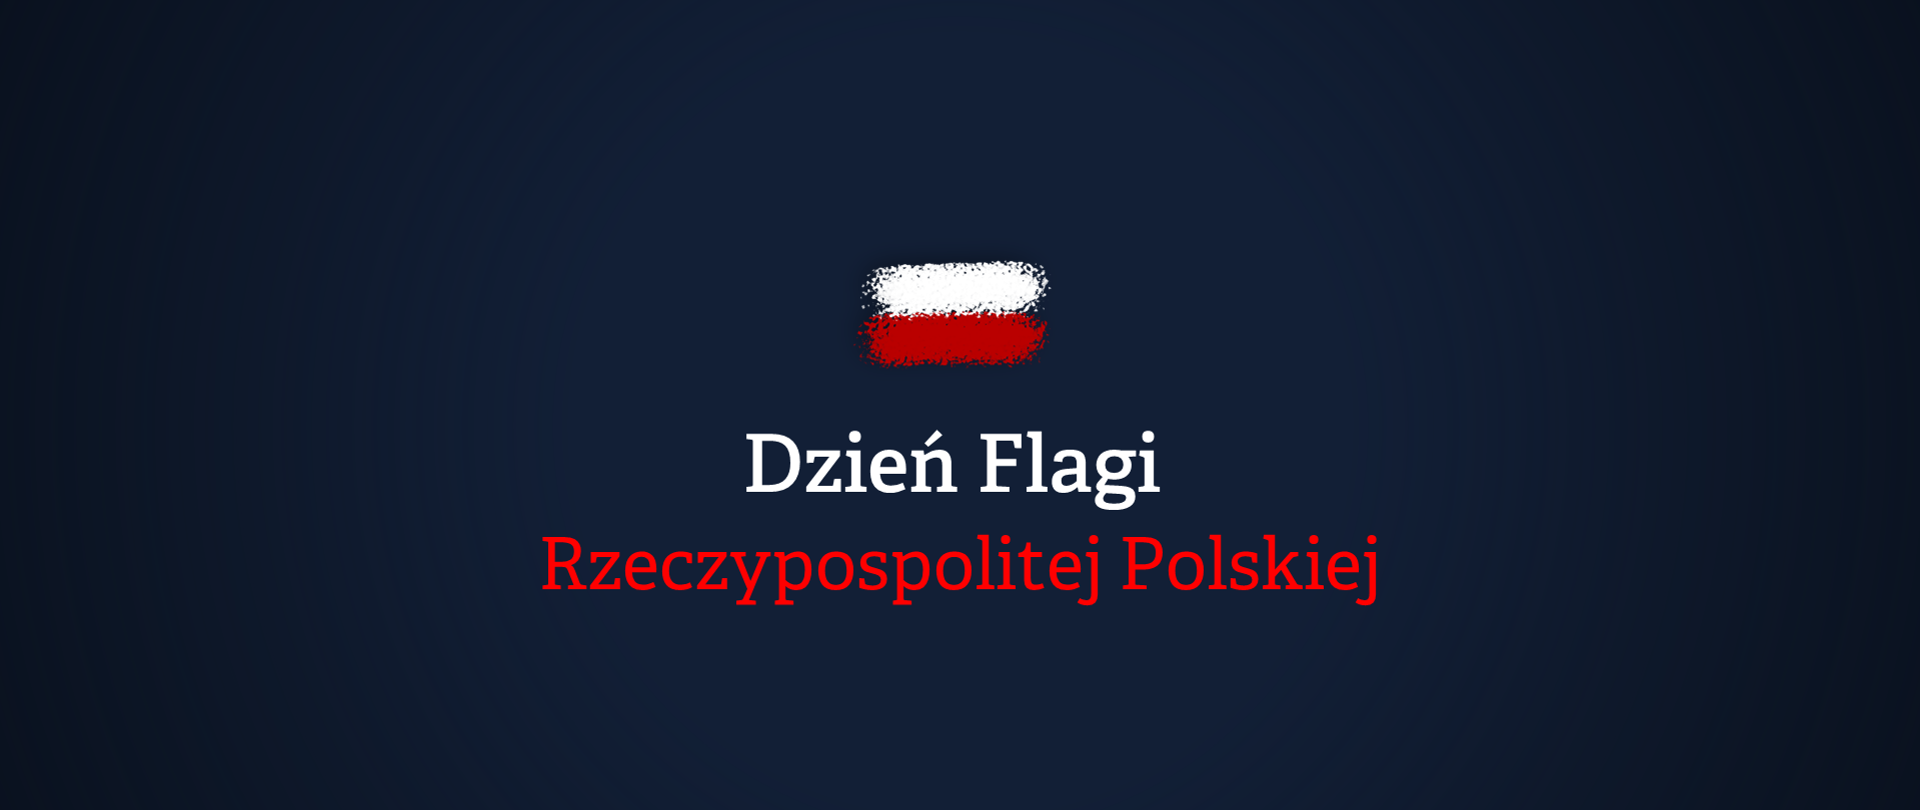 Granatowe tło. Pośrodku niewielka biało-czerwona flaga jakby namalowana sprayem. Poniżej biało-czerwony napis Dzień Flagi Rzeczypospolitej Polskiej